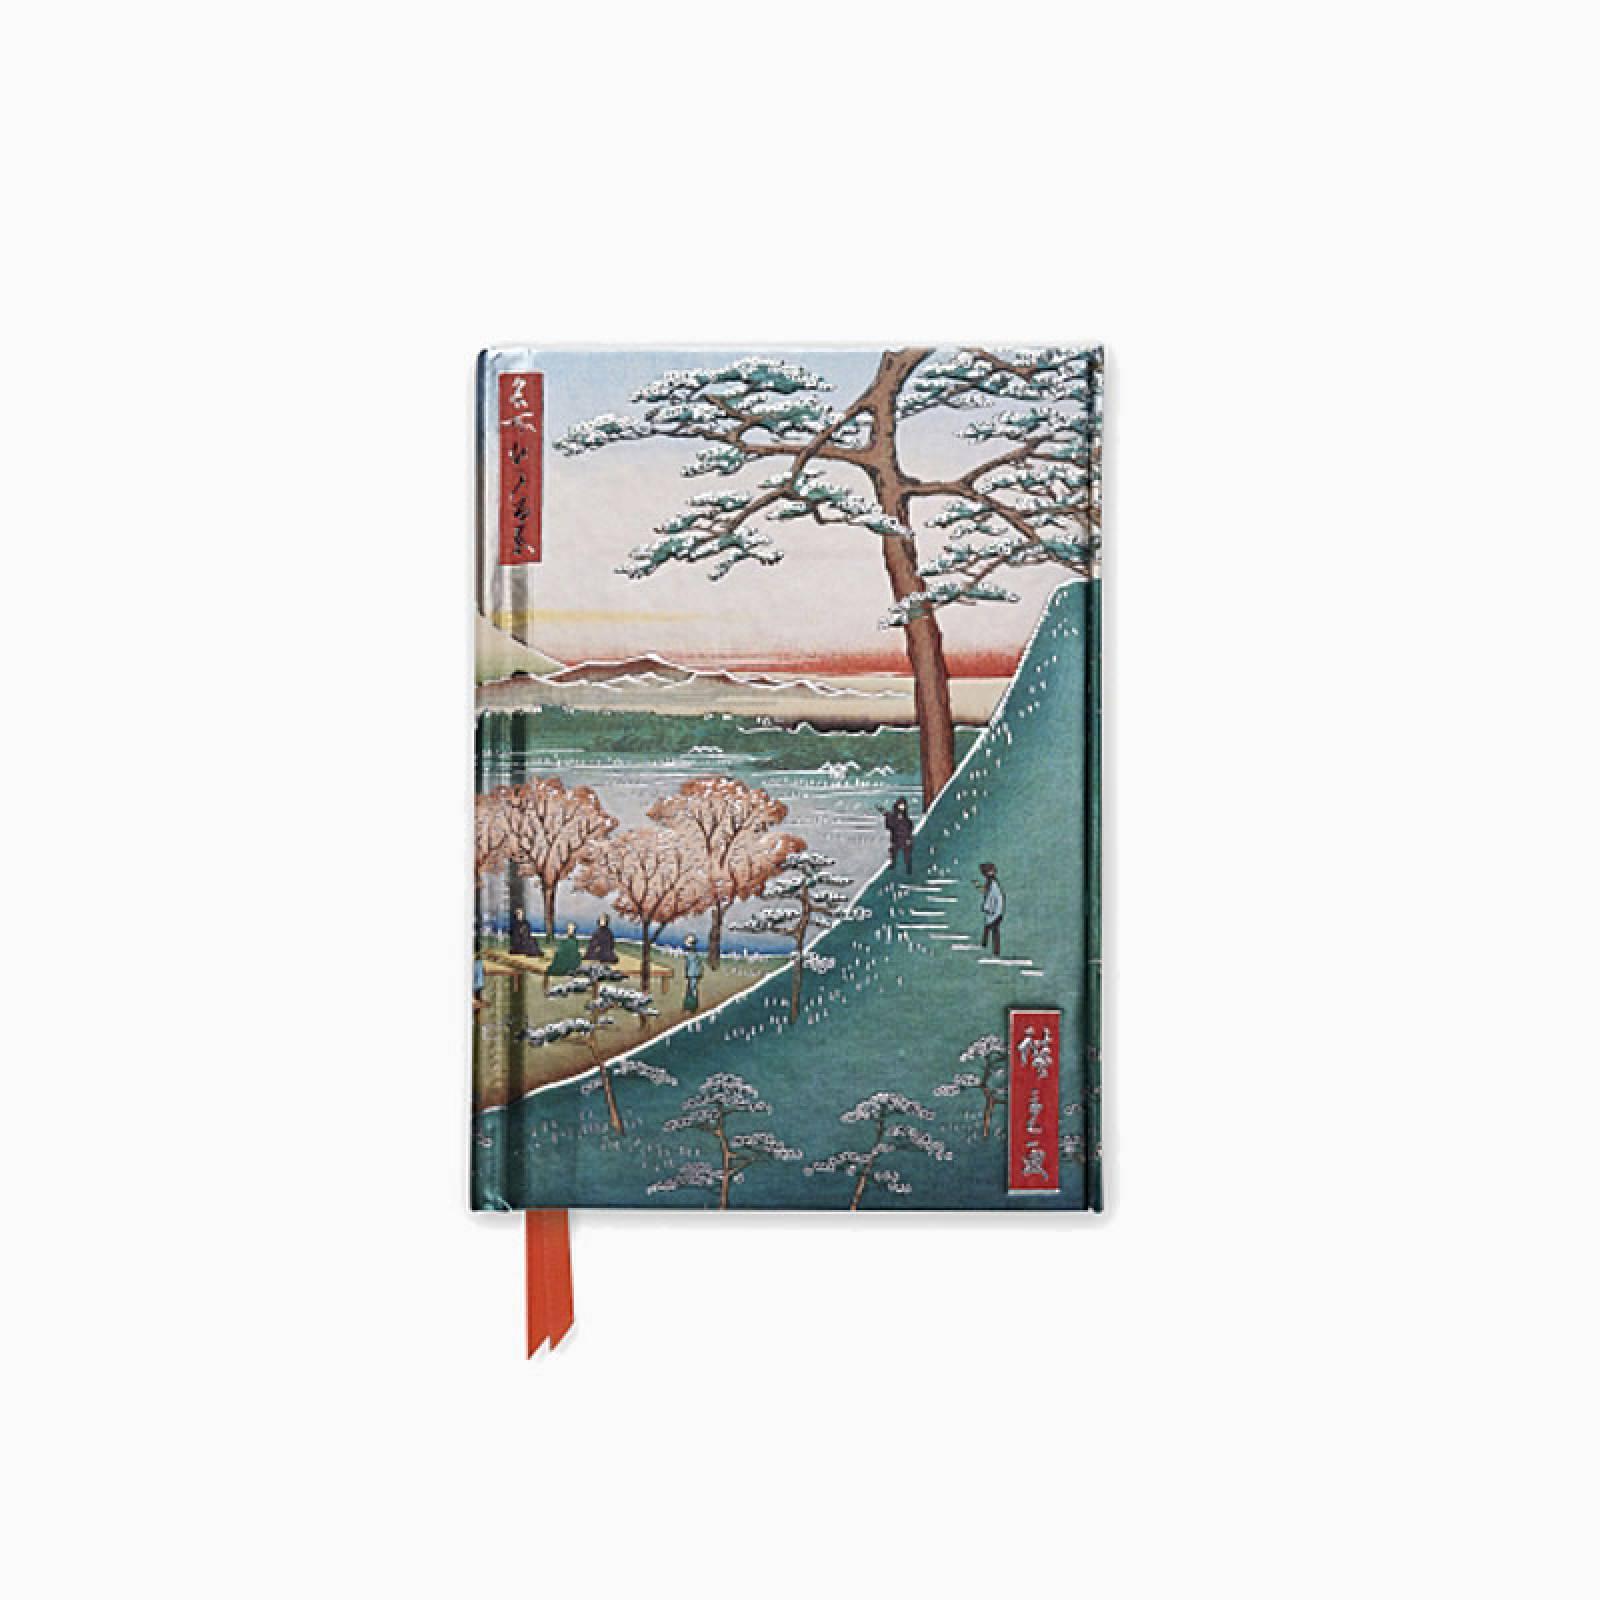 Hiroshige Meguro - Foiled Pocket Journal